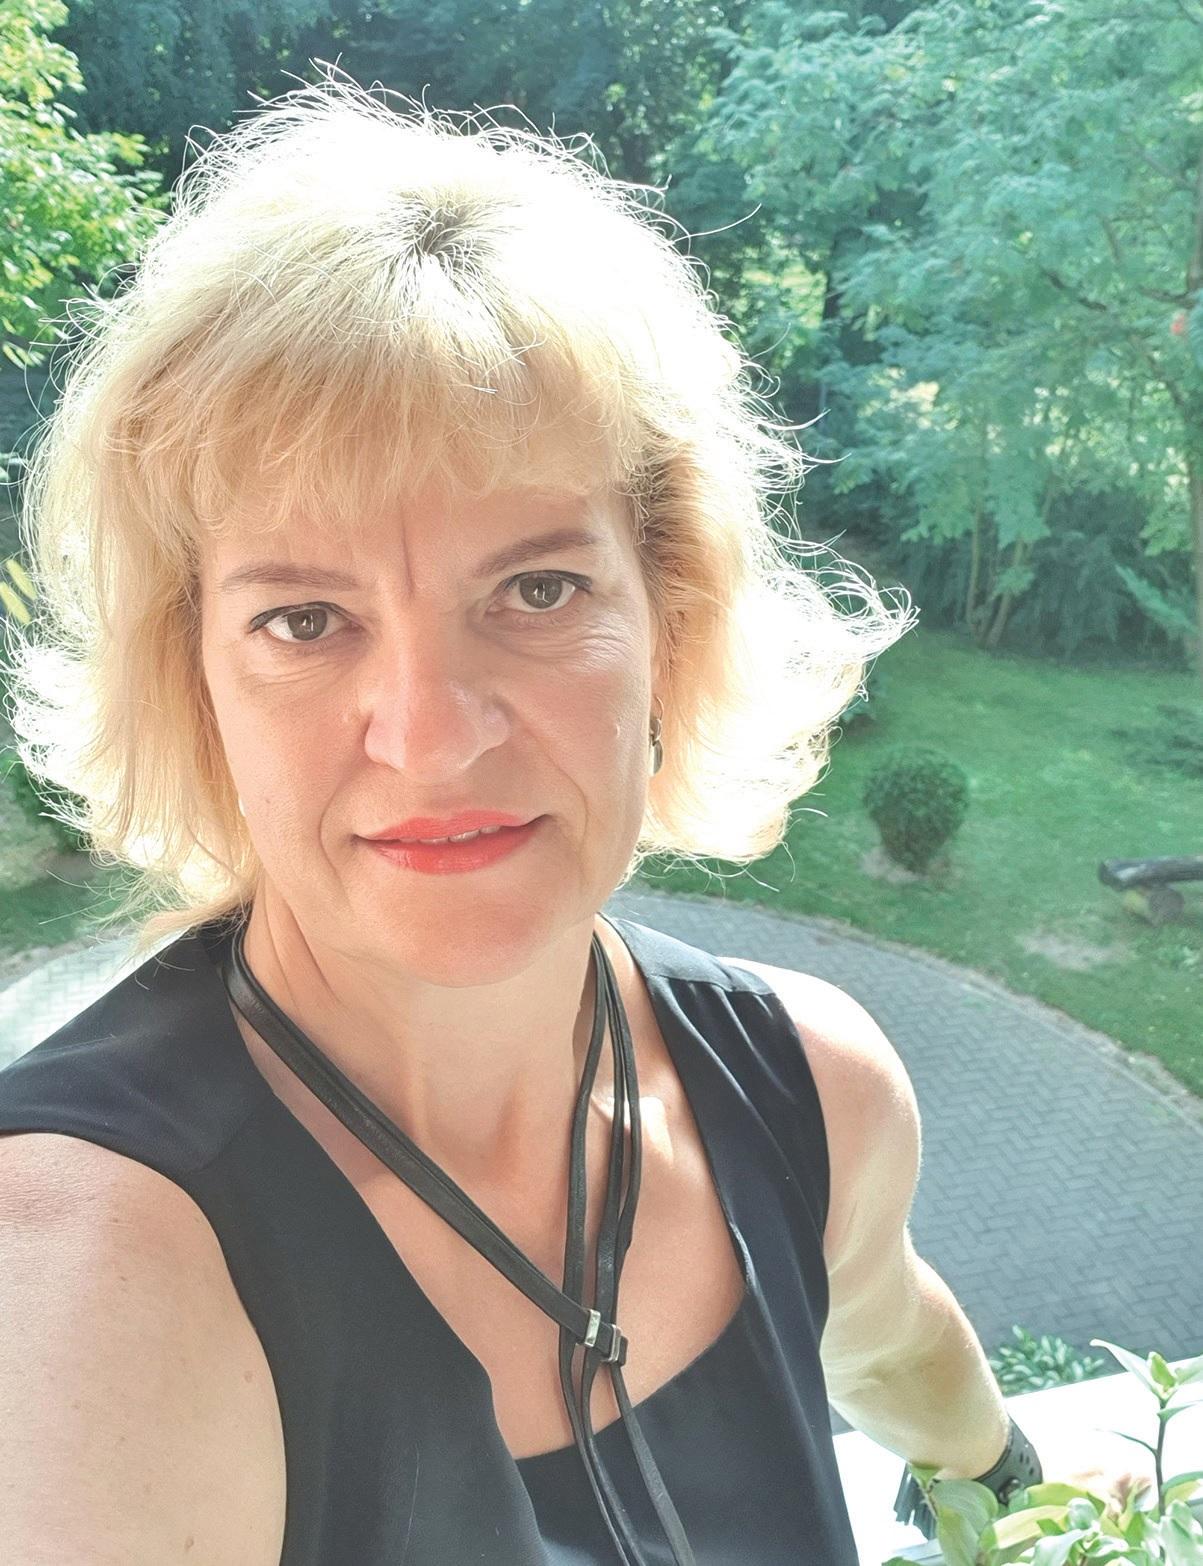 Socialinė darbuotoja, socialinių paslaugų neįgaliesiems padalinio vadovė Lijana Kaštaljanienė/Asmeninio archyvo nuotr.